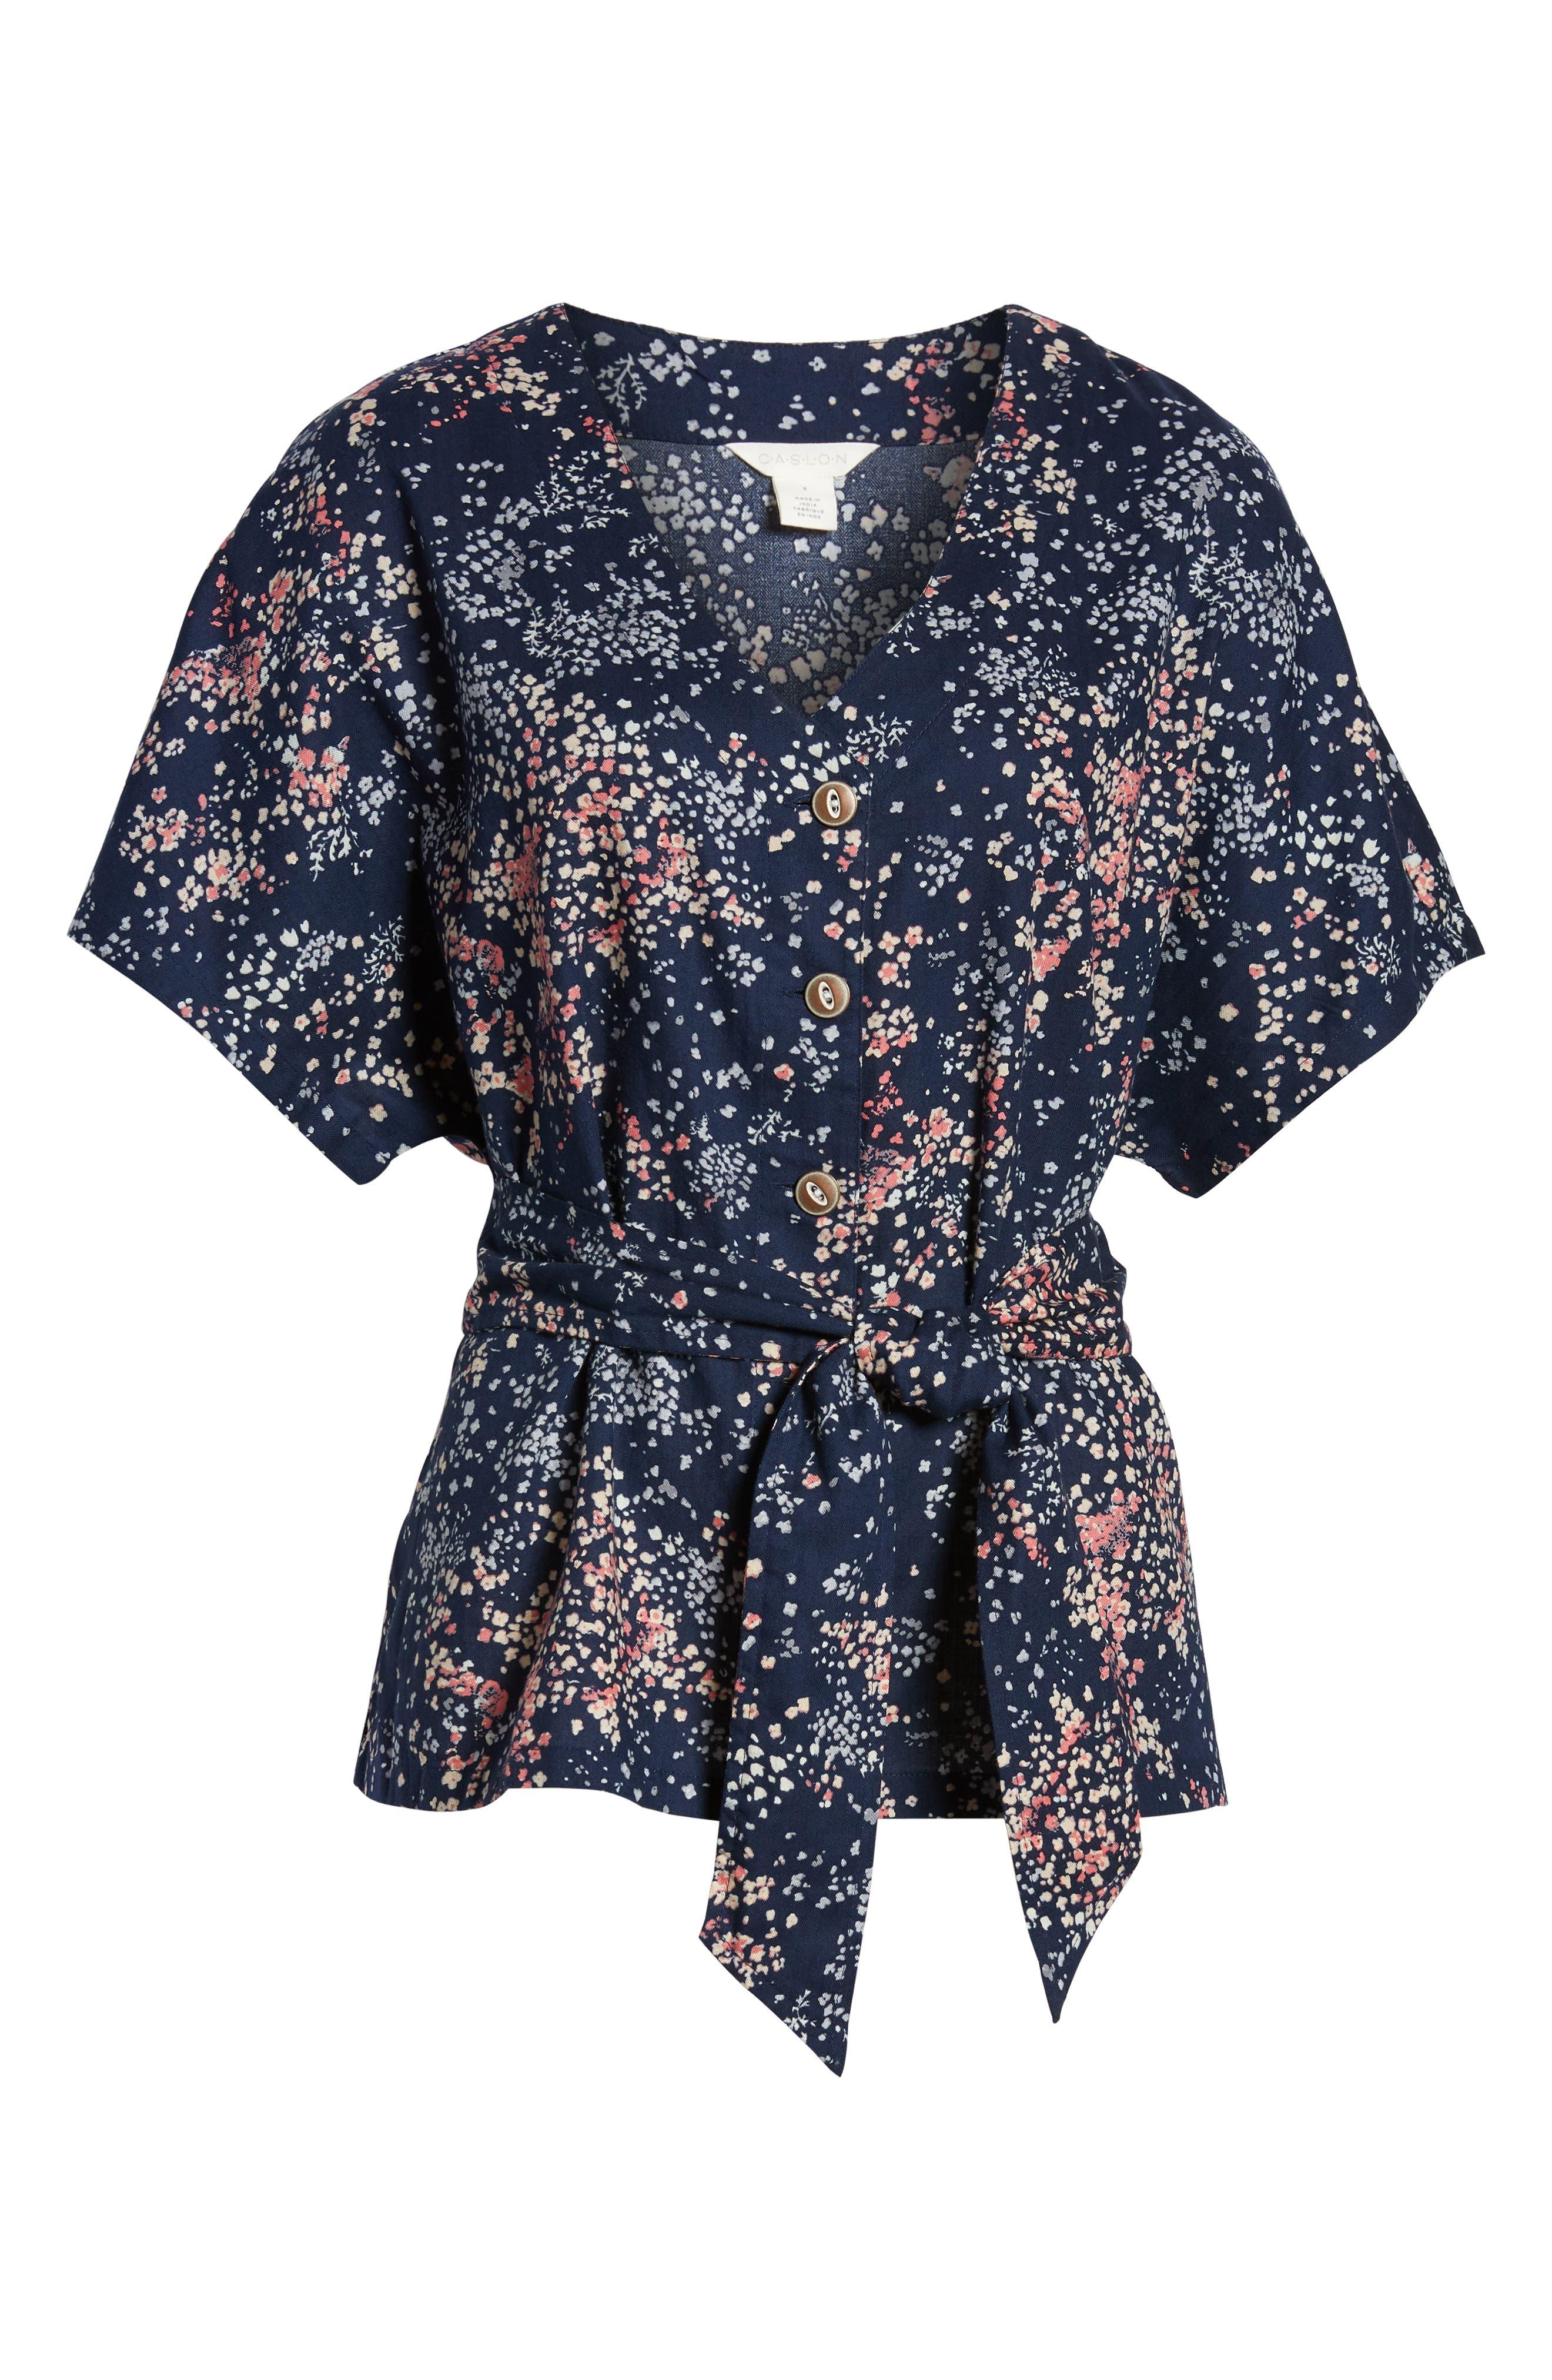 CASLON<SUP>®</SUP>, Button-Up Tie Front Blouse, Alternate thumbnail 6, color, NAVY LITTLE FLOWERS